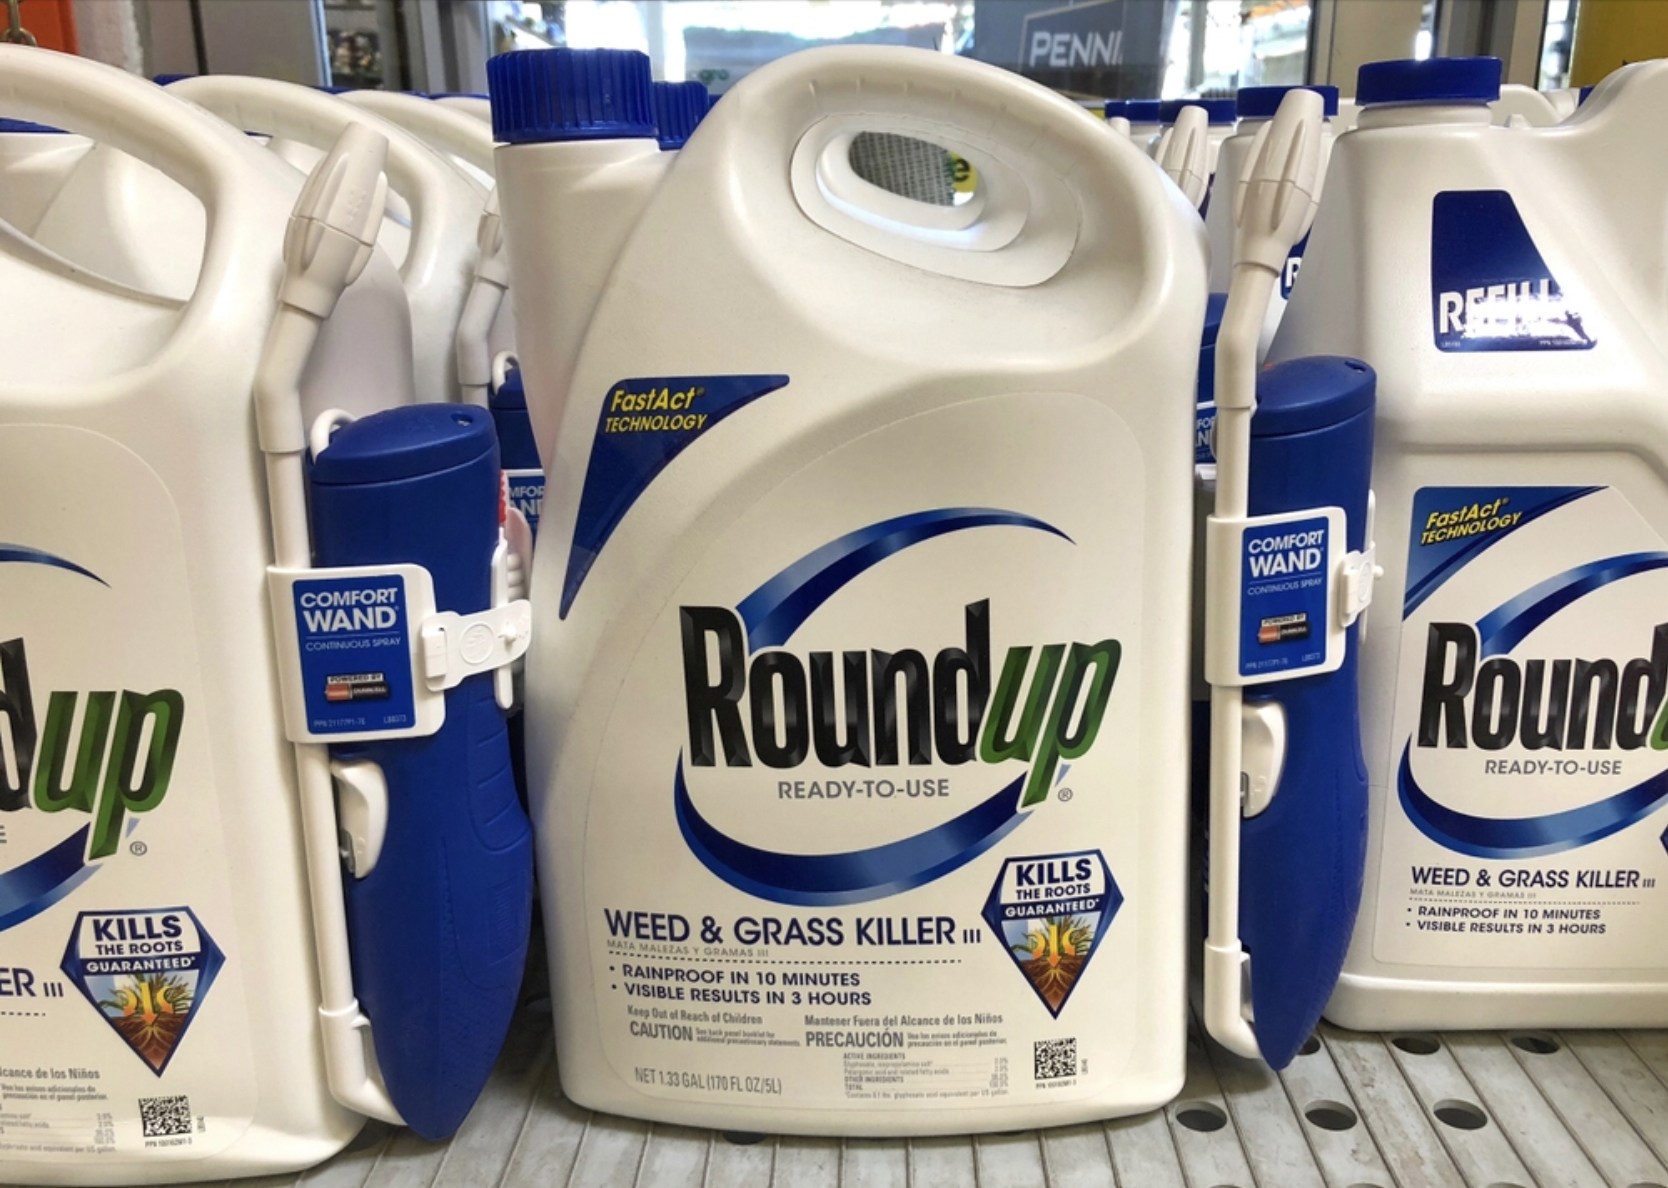 Roundup deaths